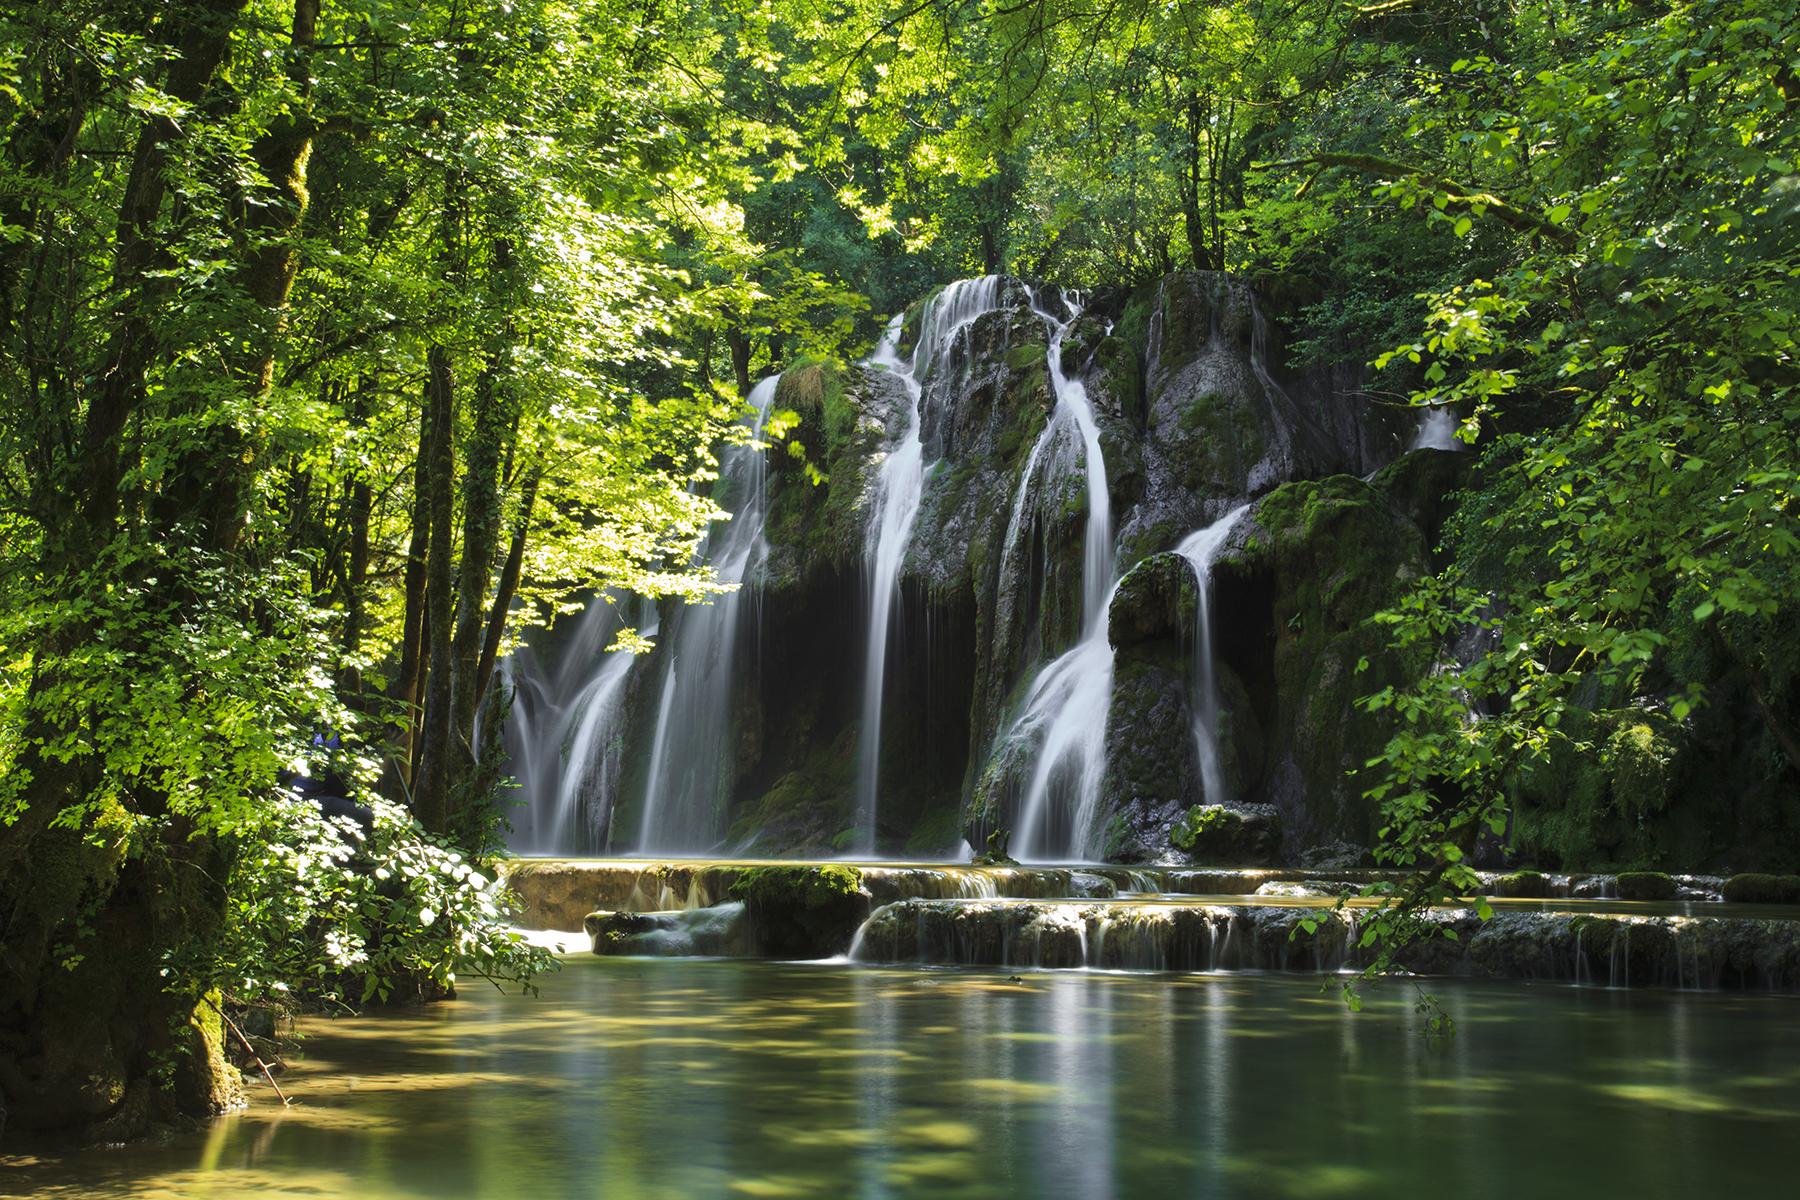 Jura archives cascades de france - Image de cascade ...